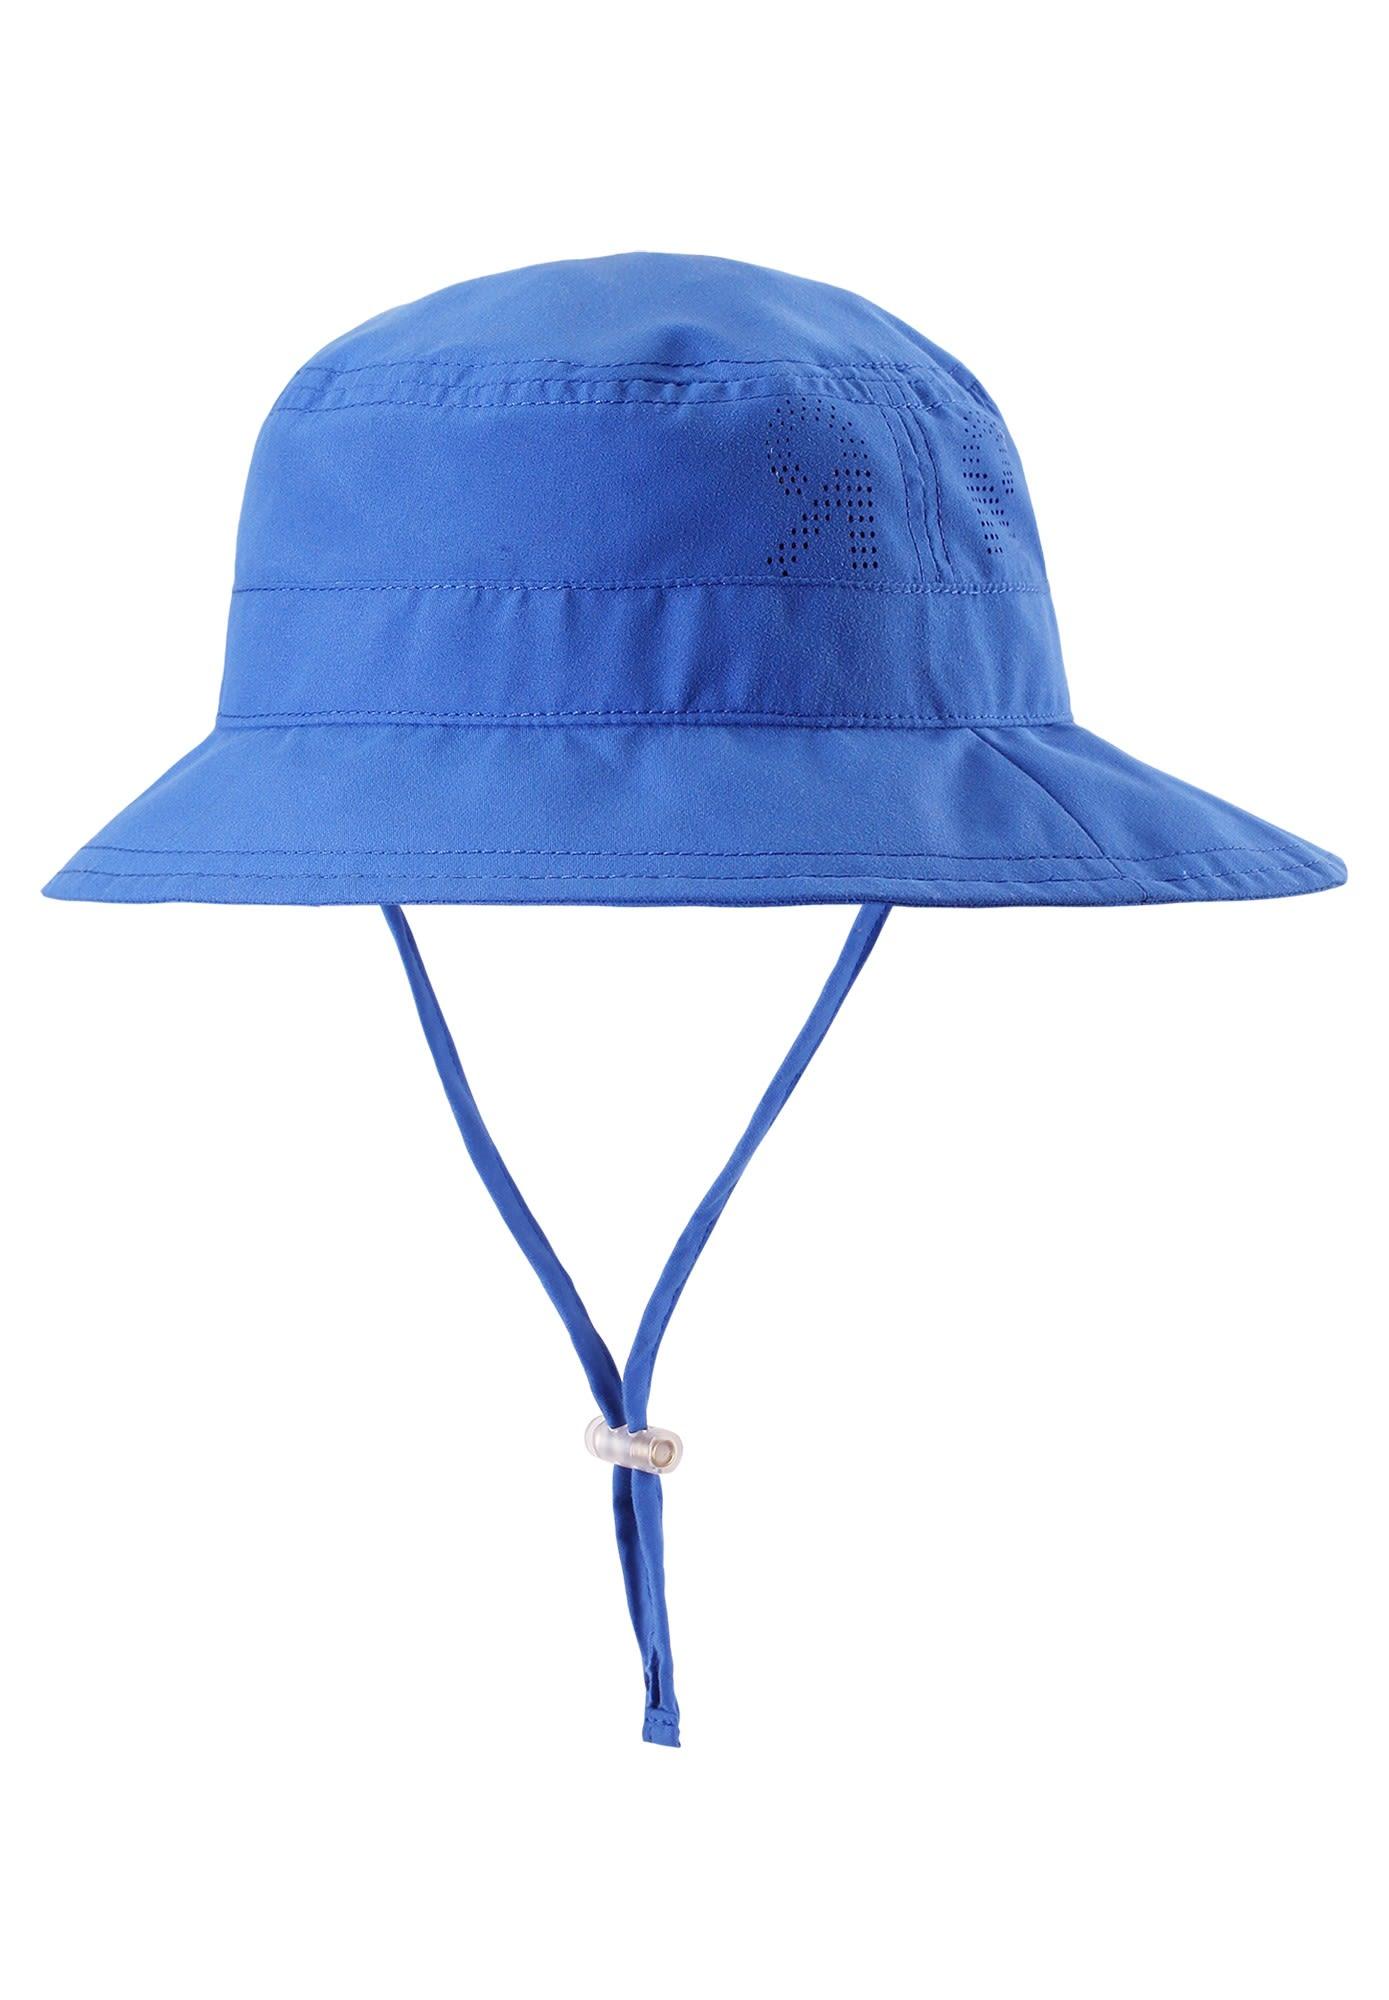 Reima Kids Tropical Sunhat (Modell Sommer 2017) Blau, Accessoires, 46